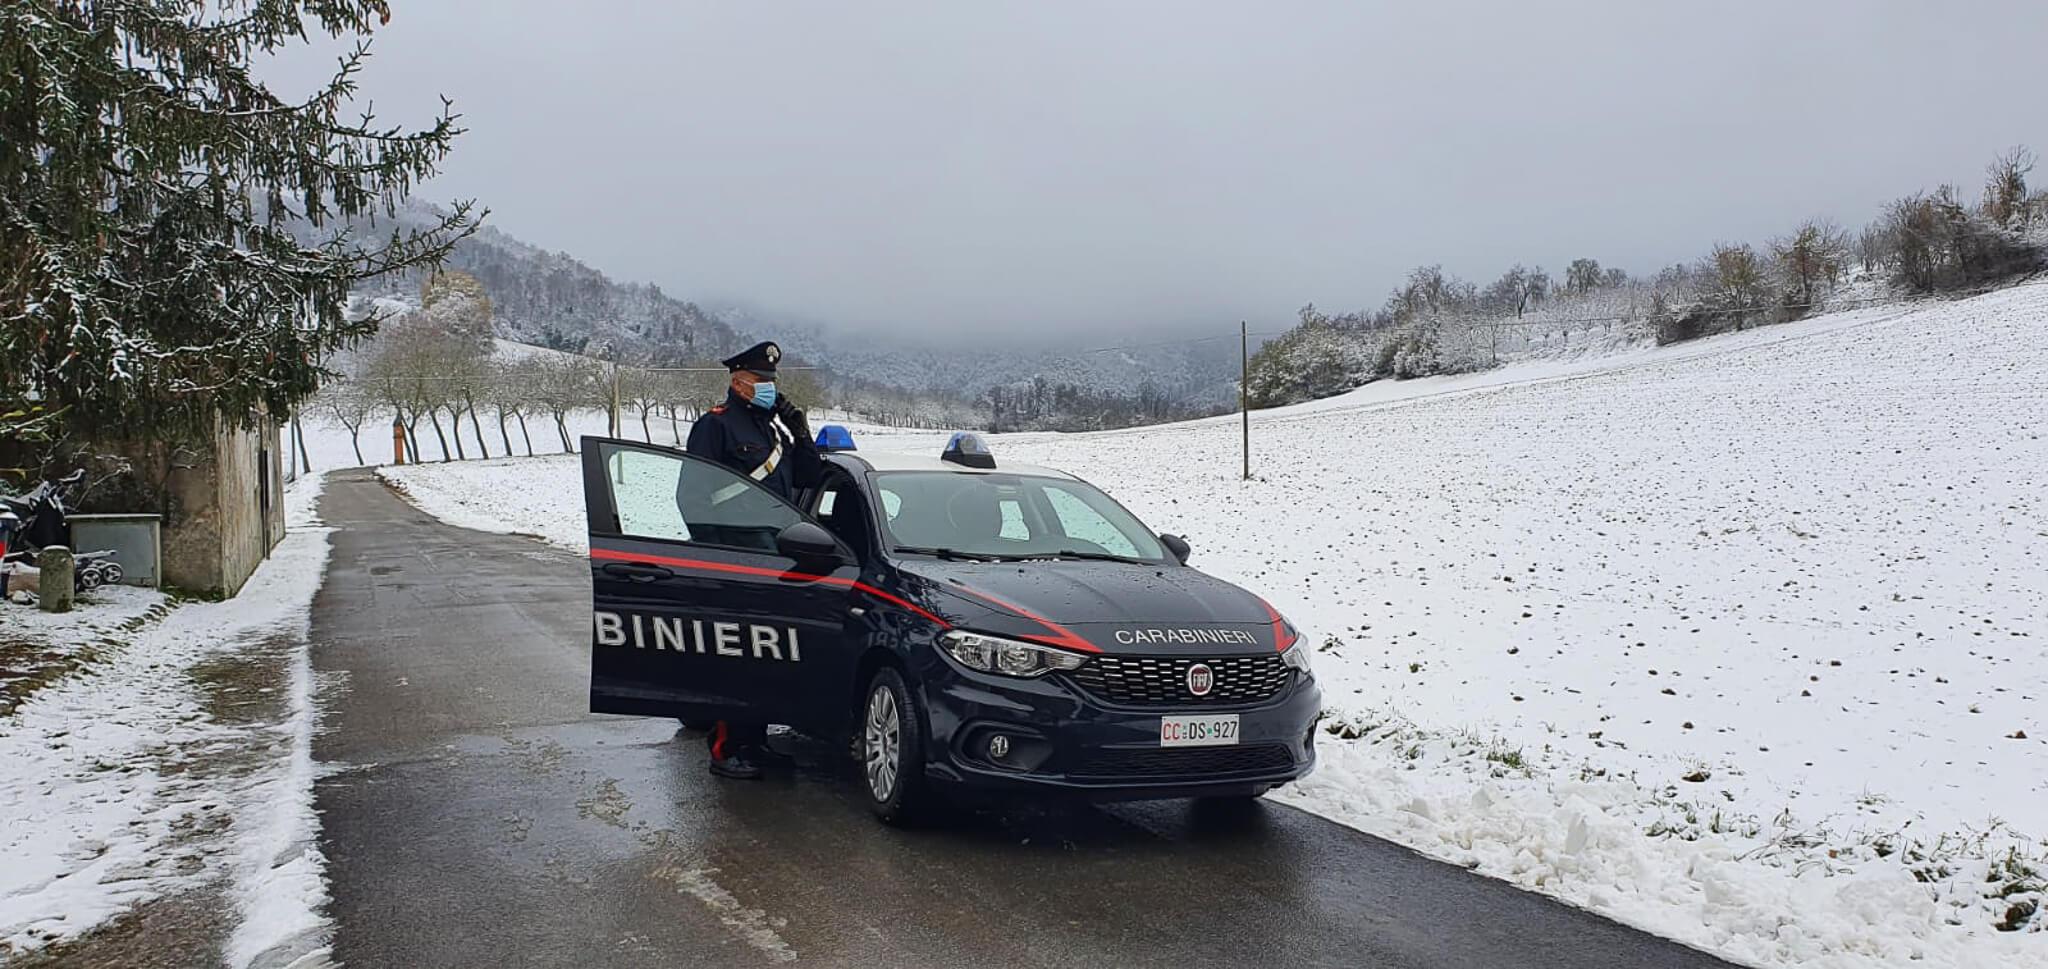 Nowe obostrzenia dla kierowców wjeżdżających do Włoch